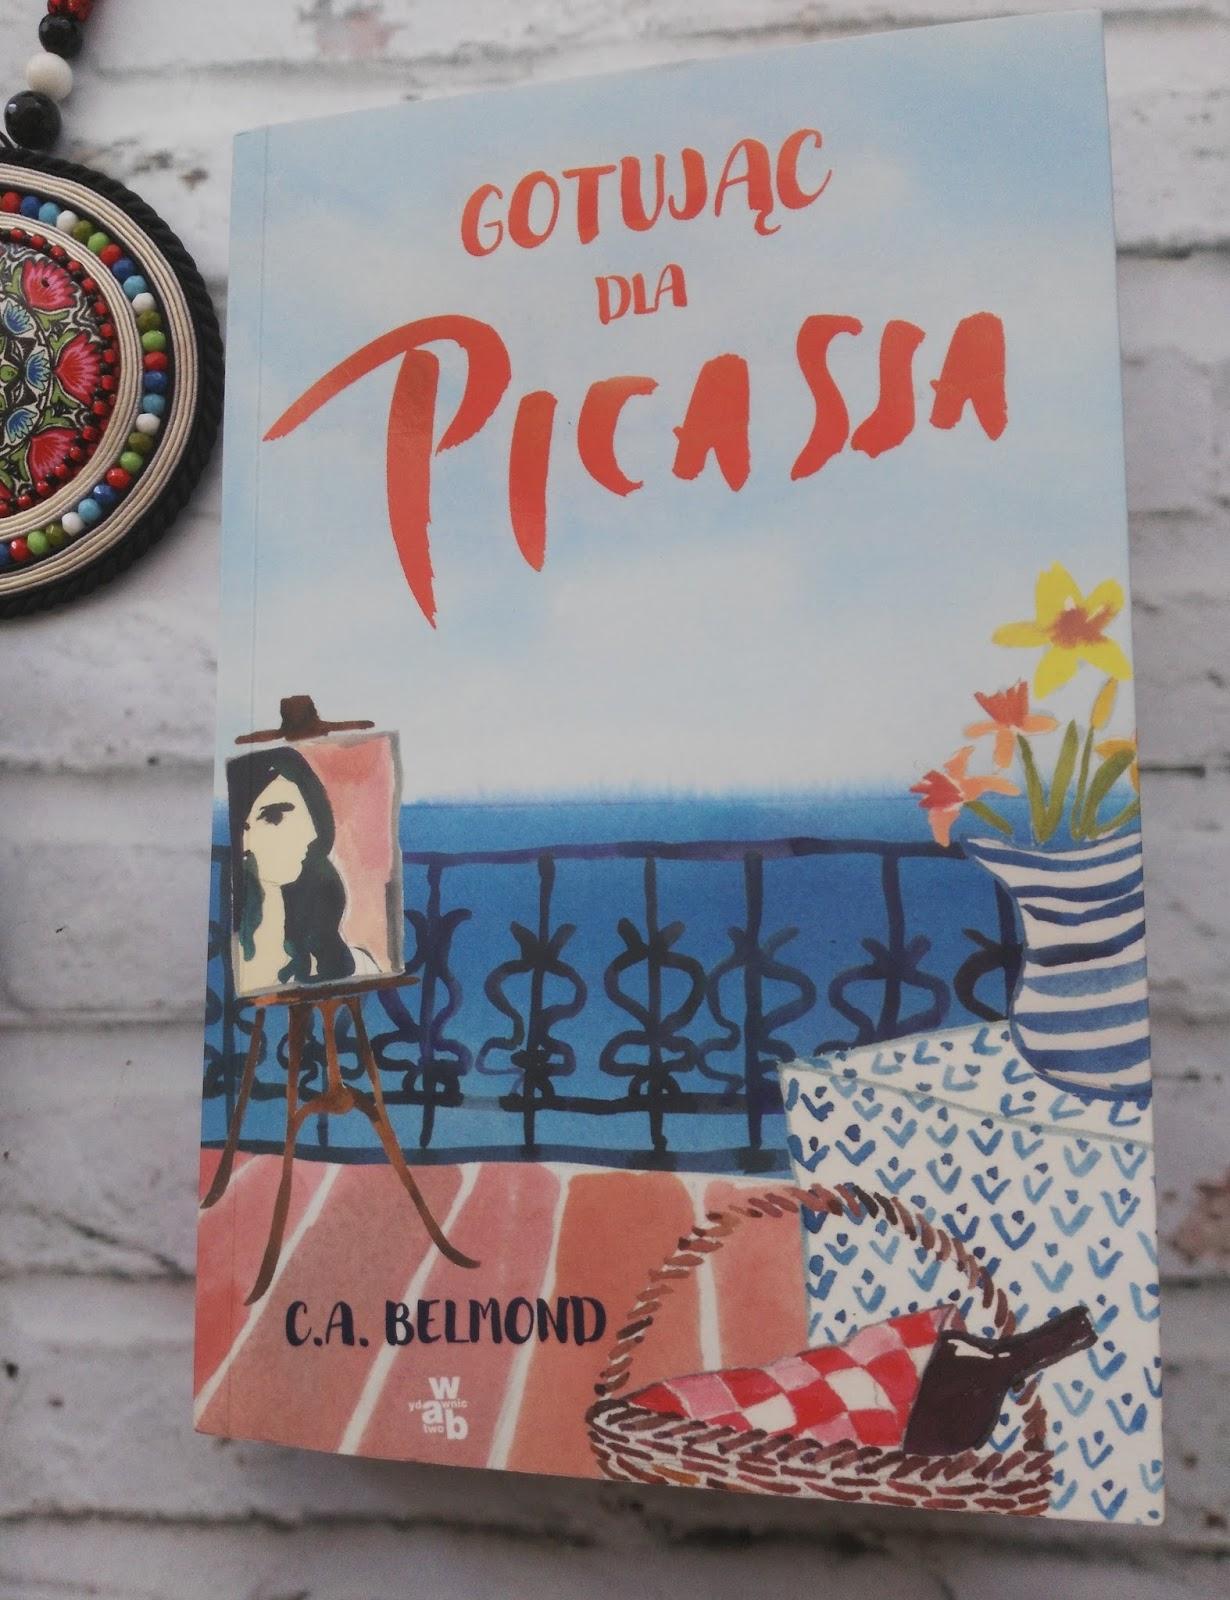 Gotując dla Picassa – C.A. Belmond – recenzja